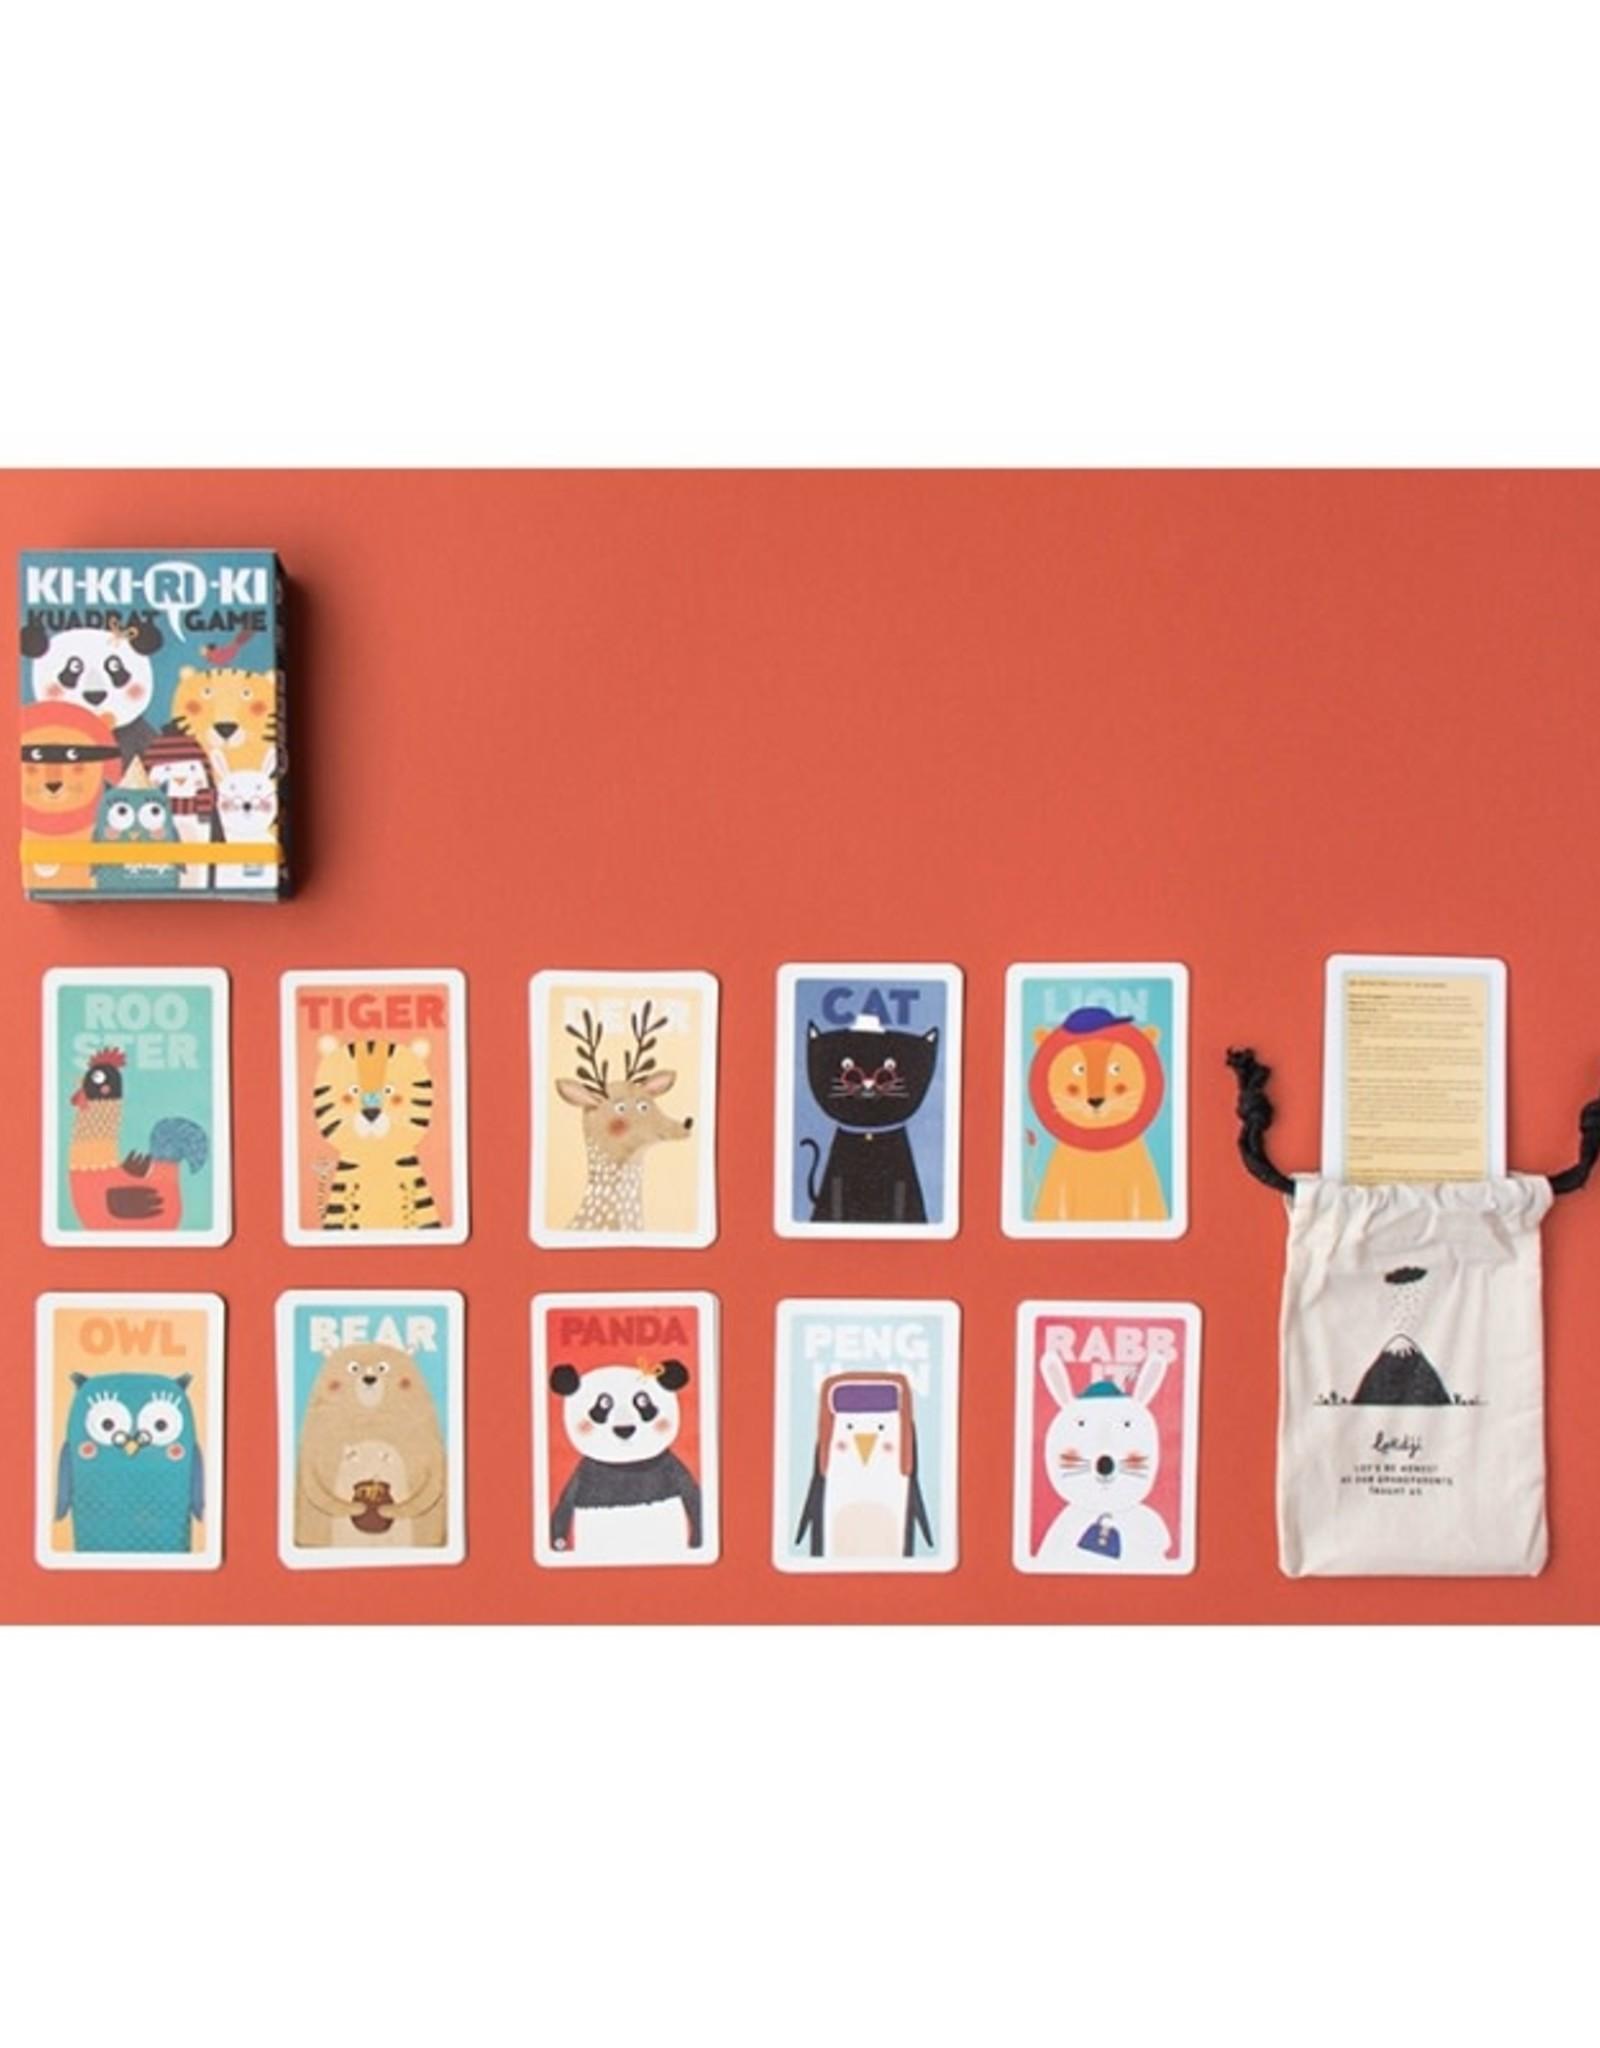 Ki-Ki-Ri-Ki Card Game